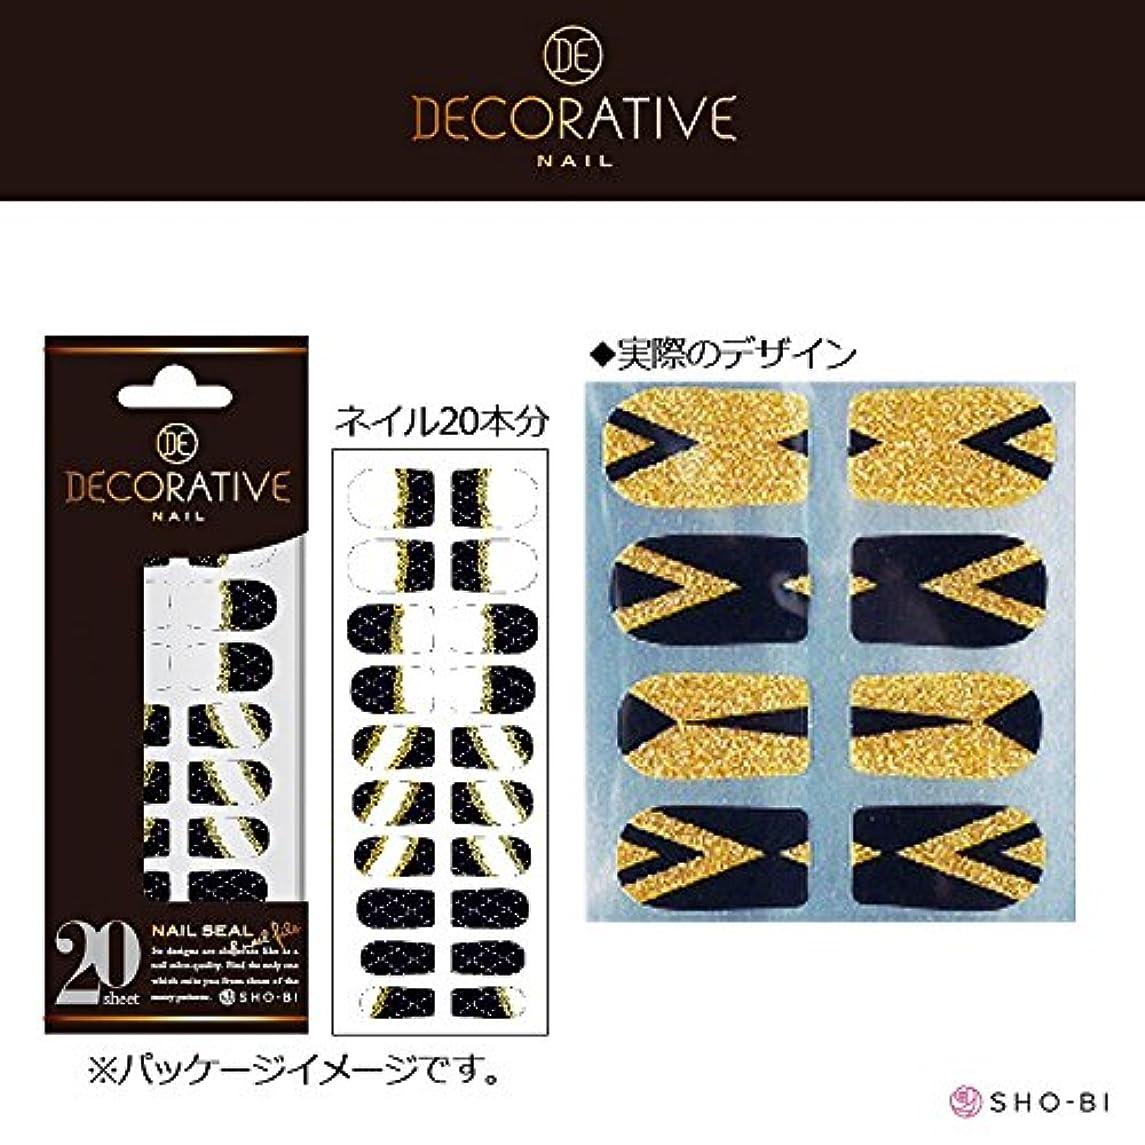 ディンカルビル木材満員デコラティブネイル ラッピングシール インディオ TN80496